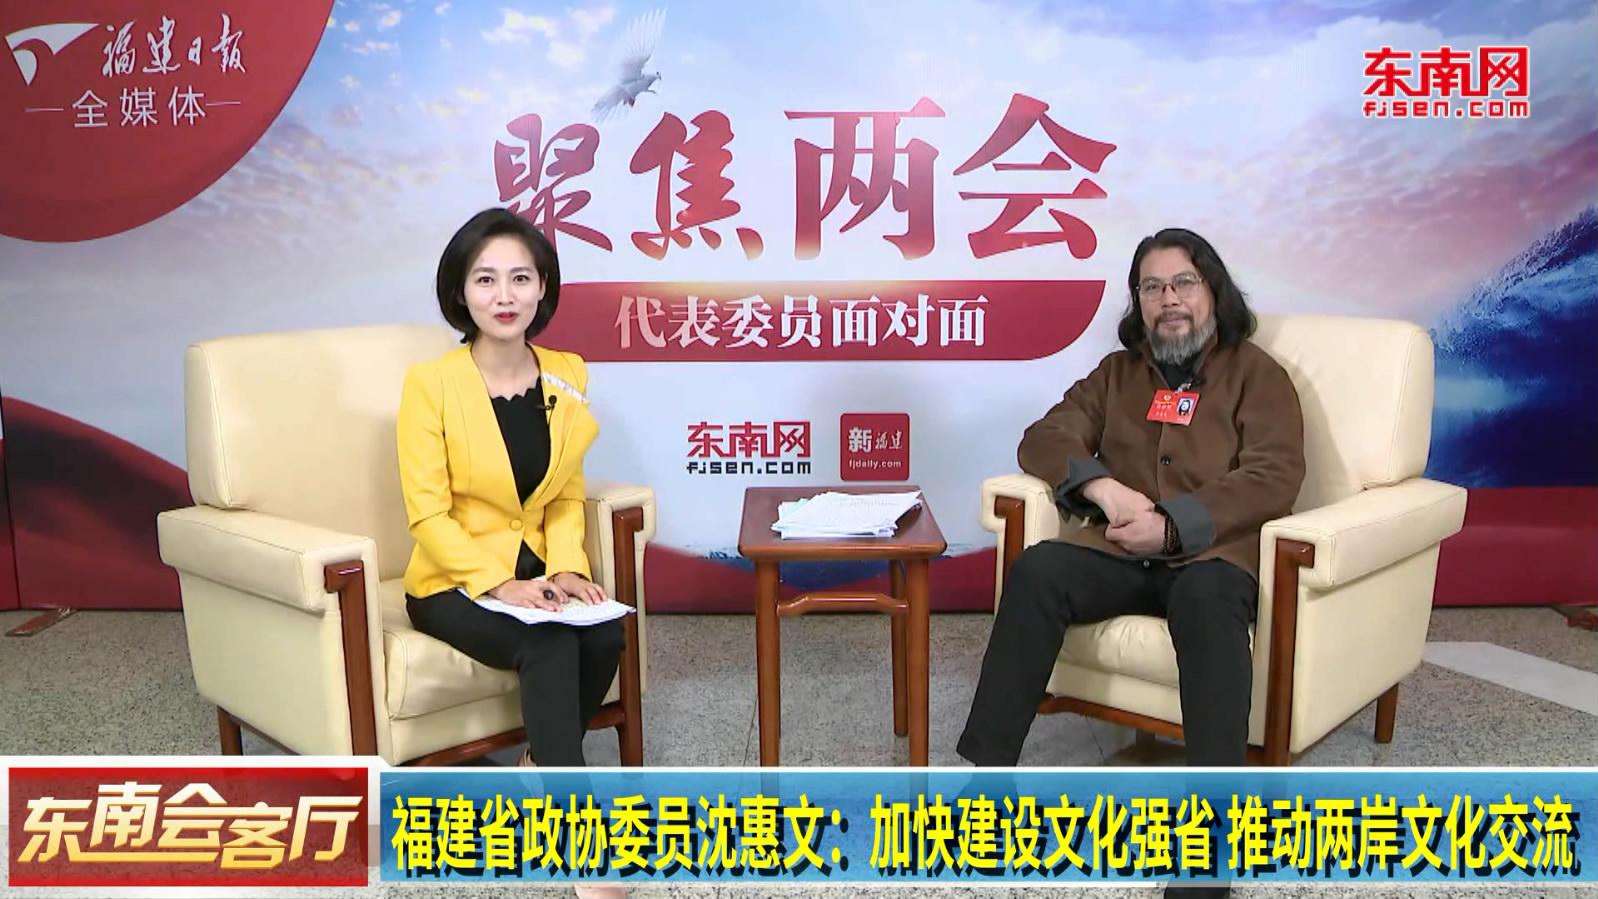 福建省政协委员沈惠文:加快建设文化强省 推动两岸文化交流